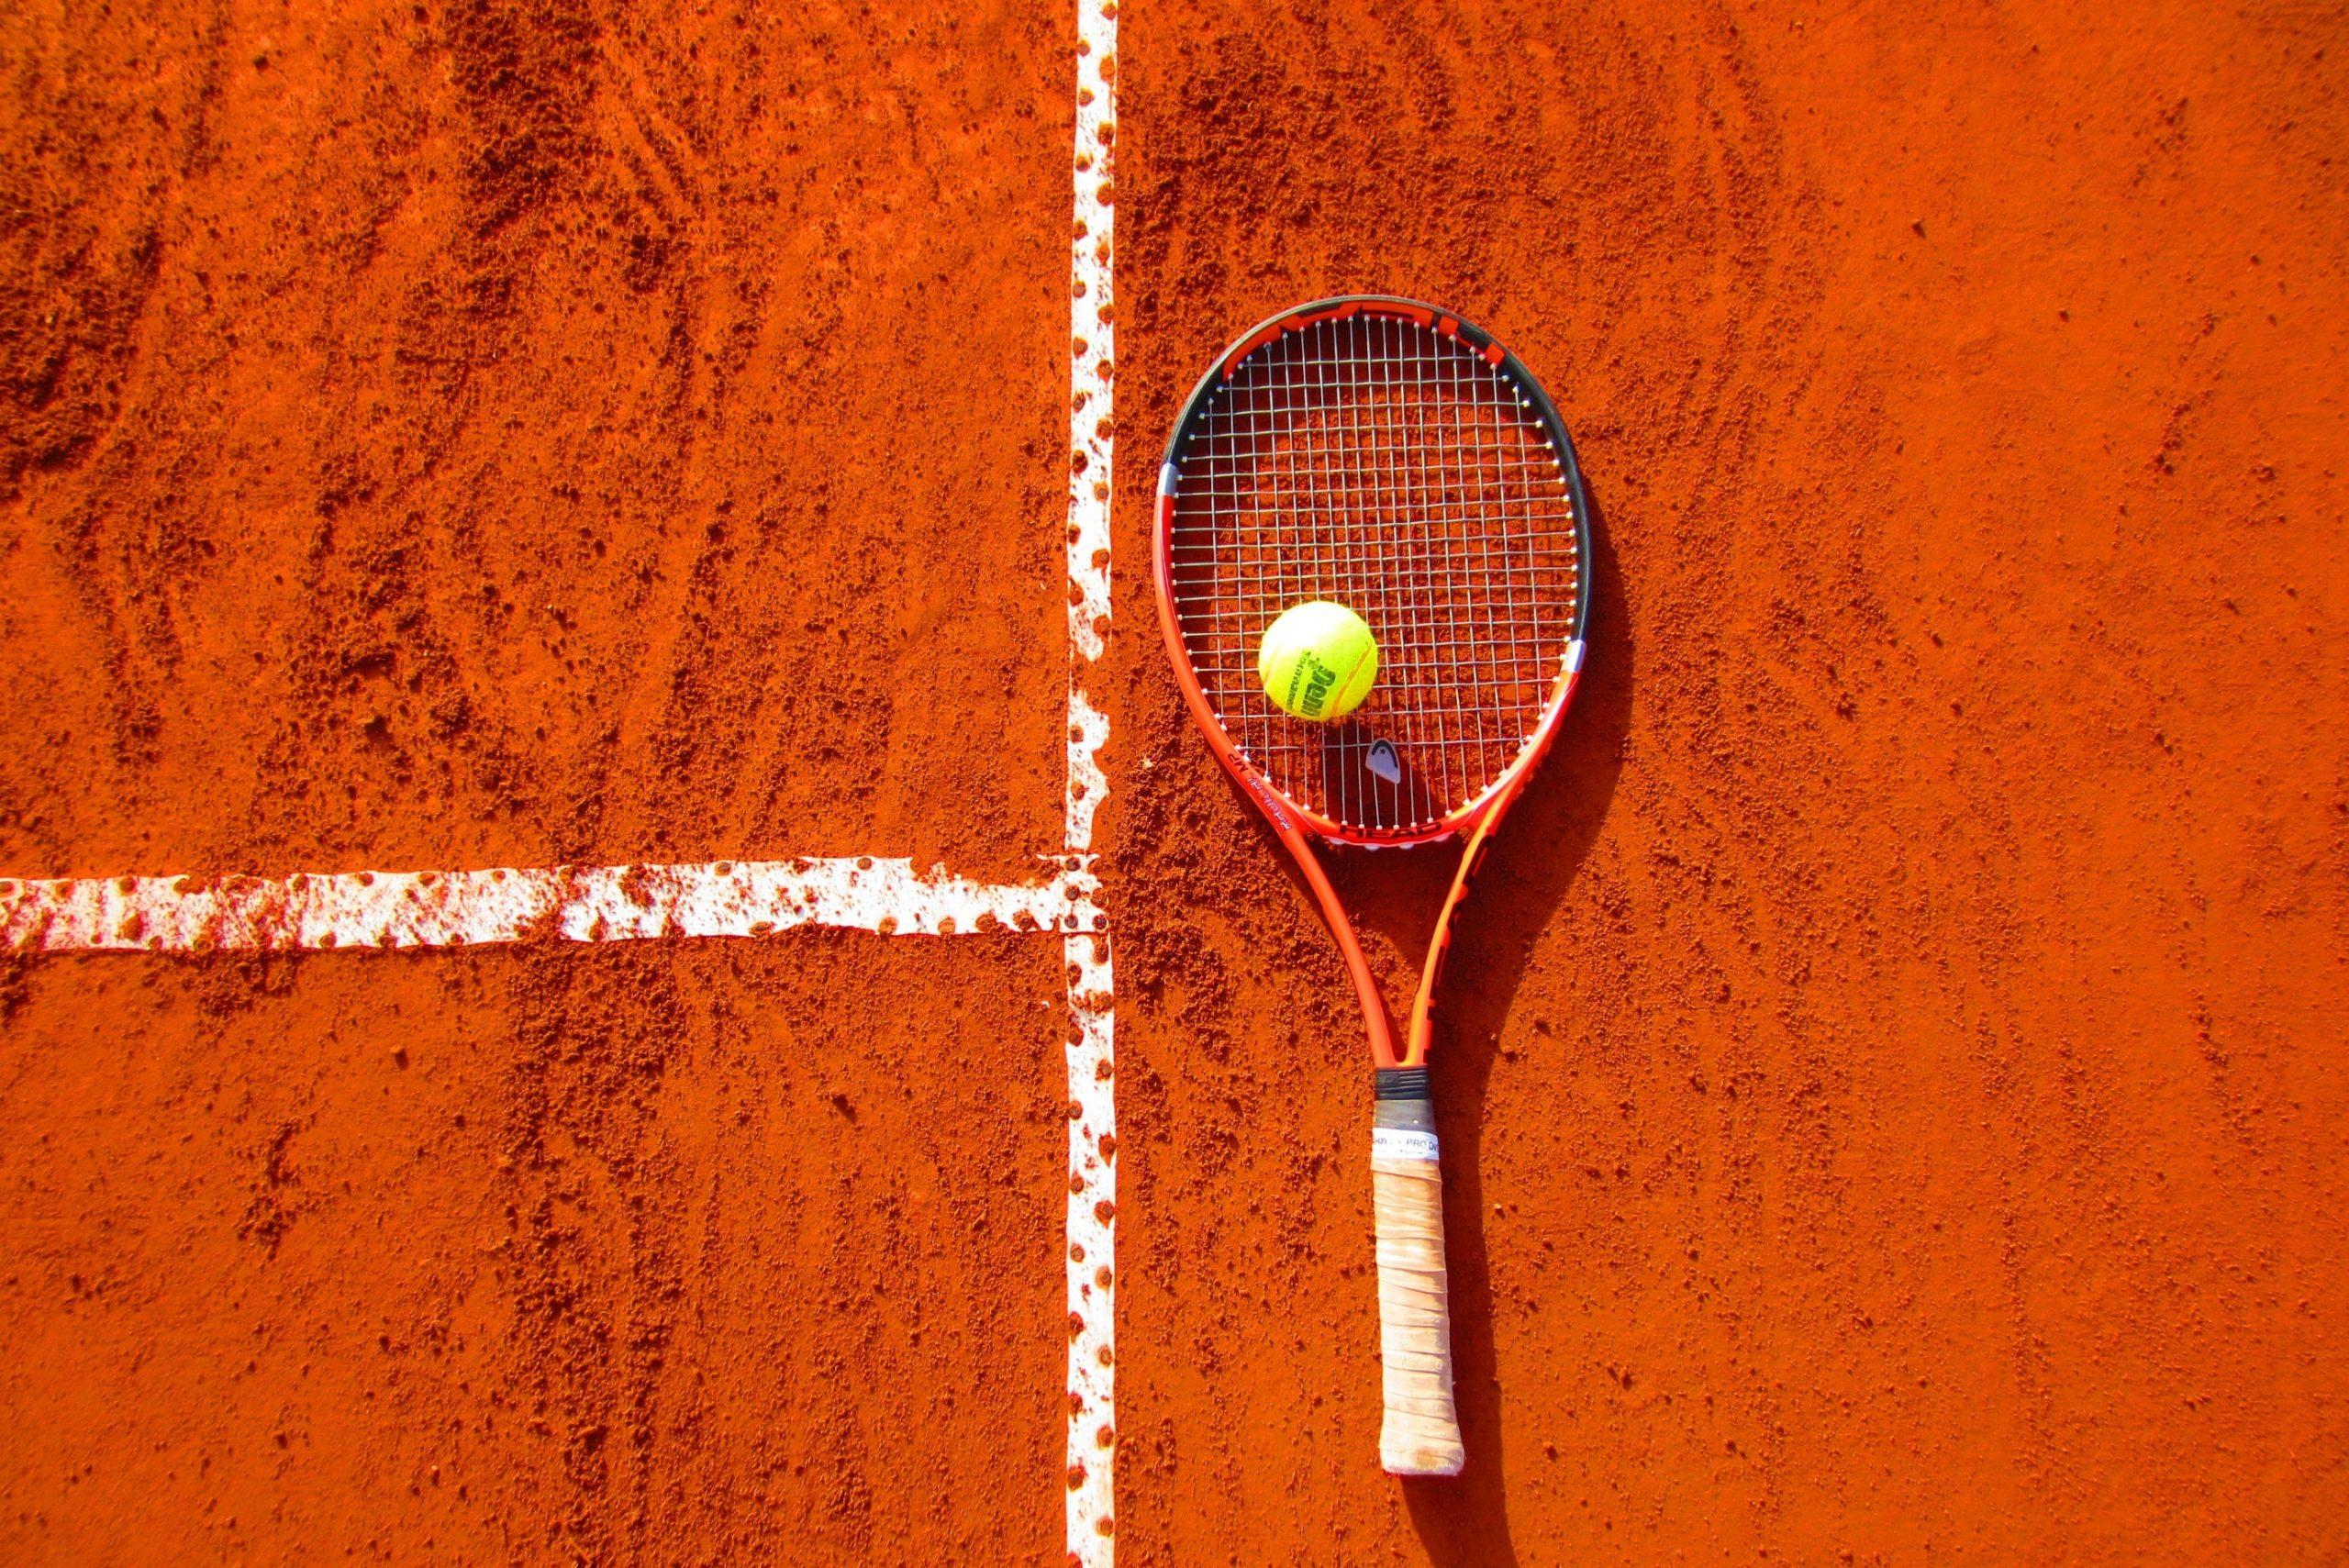 Tenis ziemny bez tajemnic: jak doskonalić odbicie forhendem?